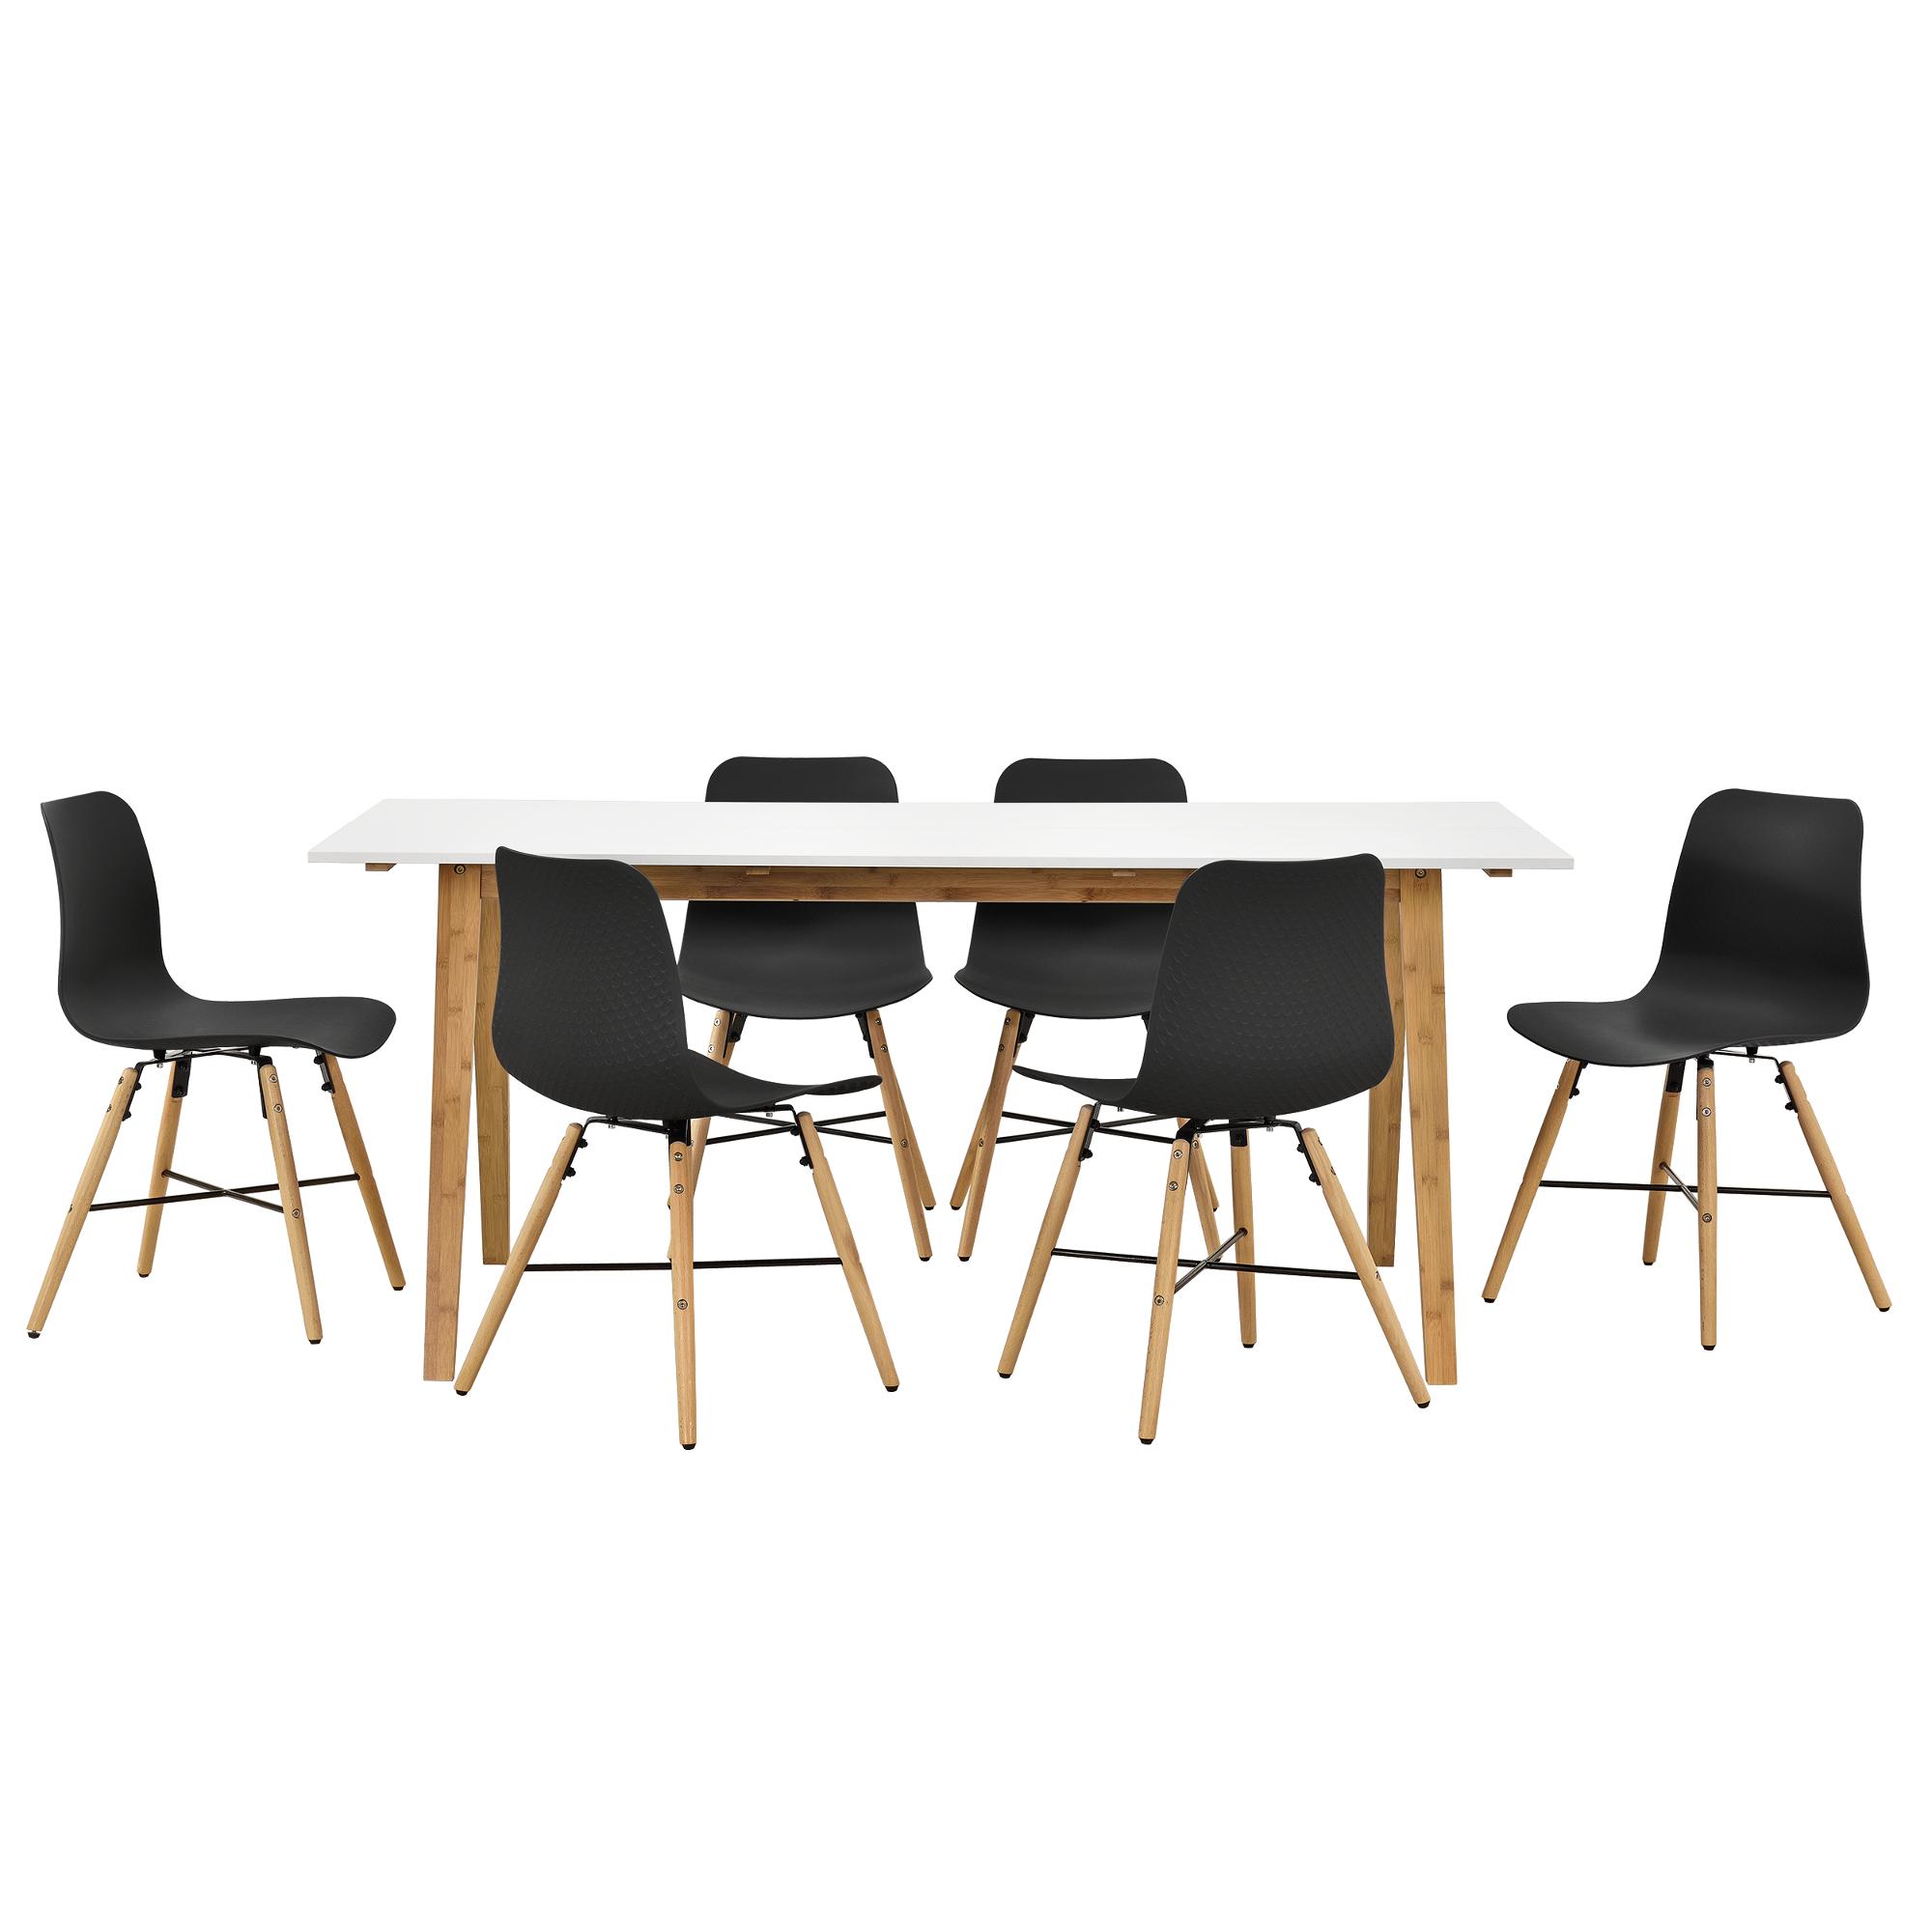 table de manger blanc avec 6 chaises noir avec motif 180x80 cuisine ebay. Black Bedroom Furniture Sets. Home Design Ideas